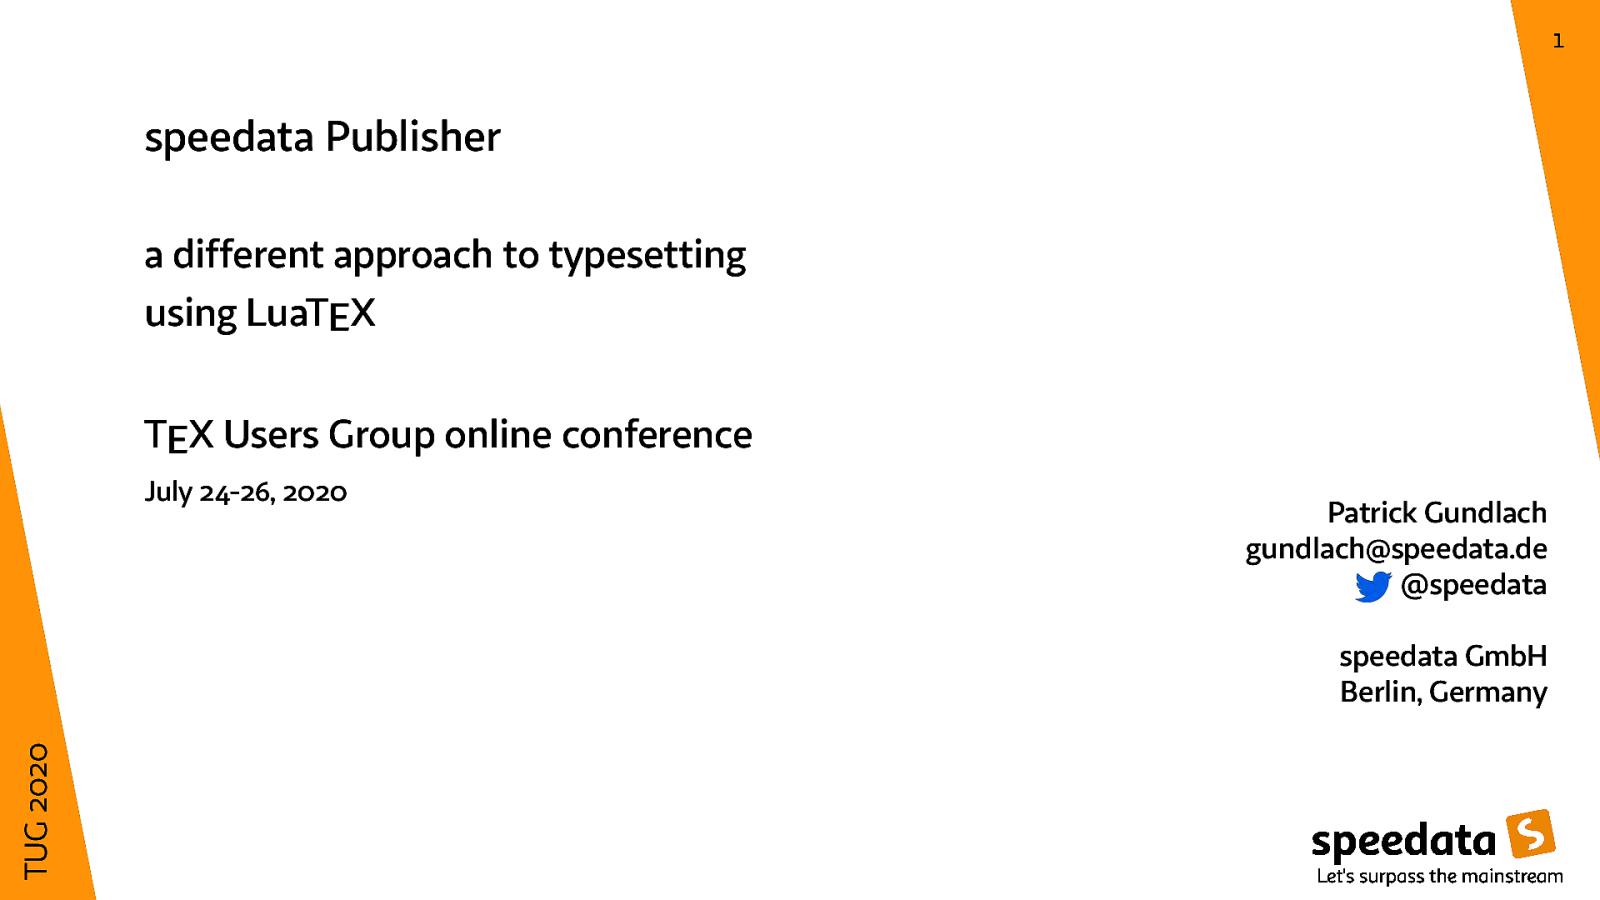 speedata Publisher - database publishing